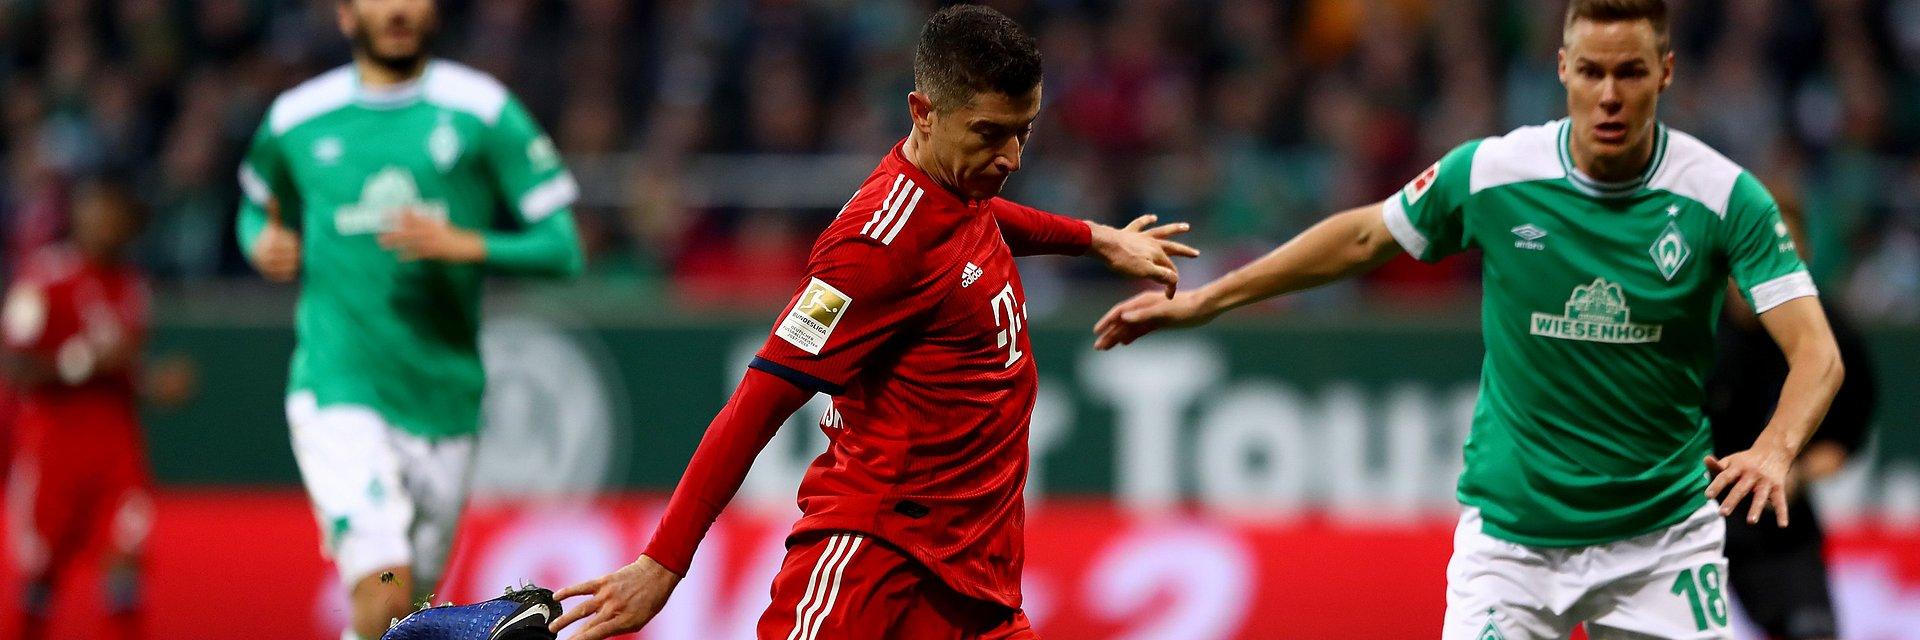 Półfinały Pucharu Niemiec na żywo tylko w Eurosporcie 1 i Eurosport Playerze